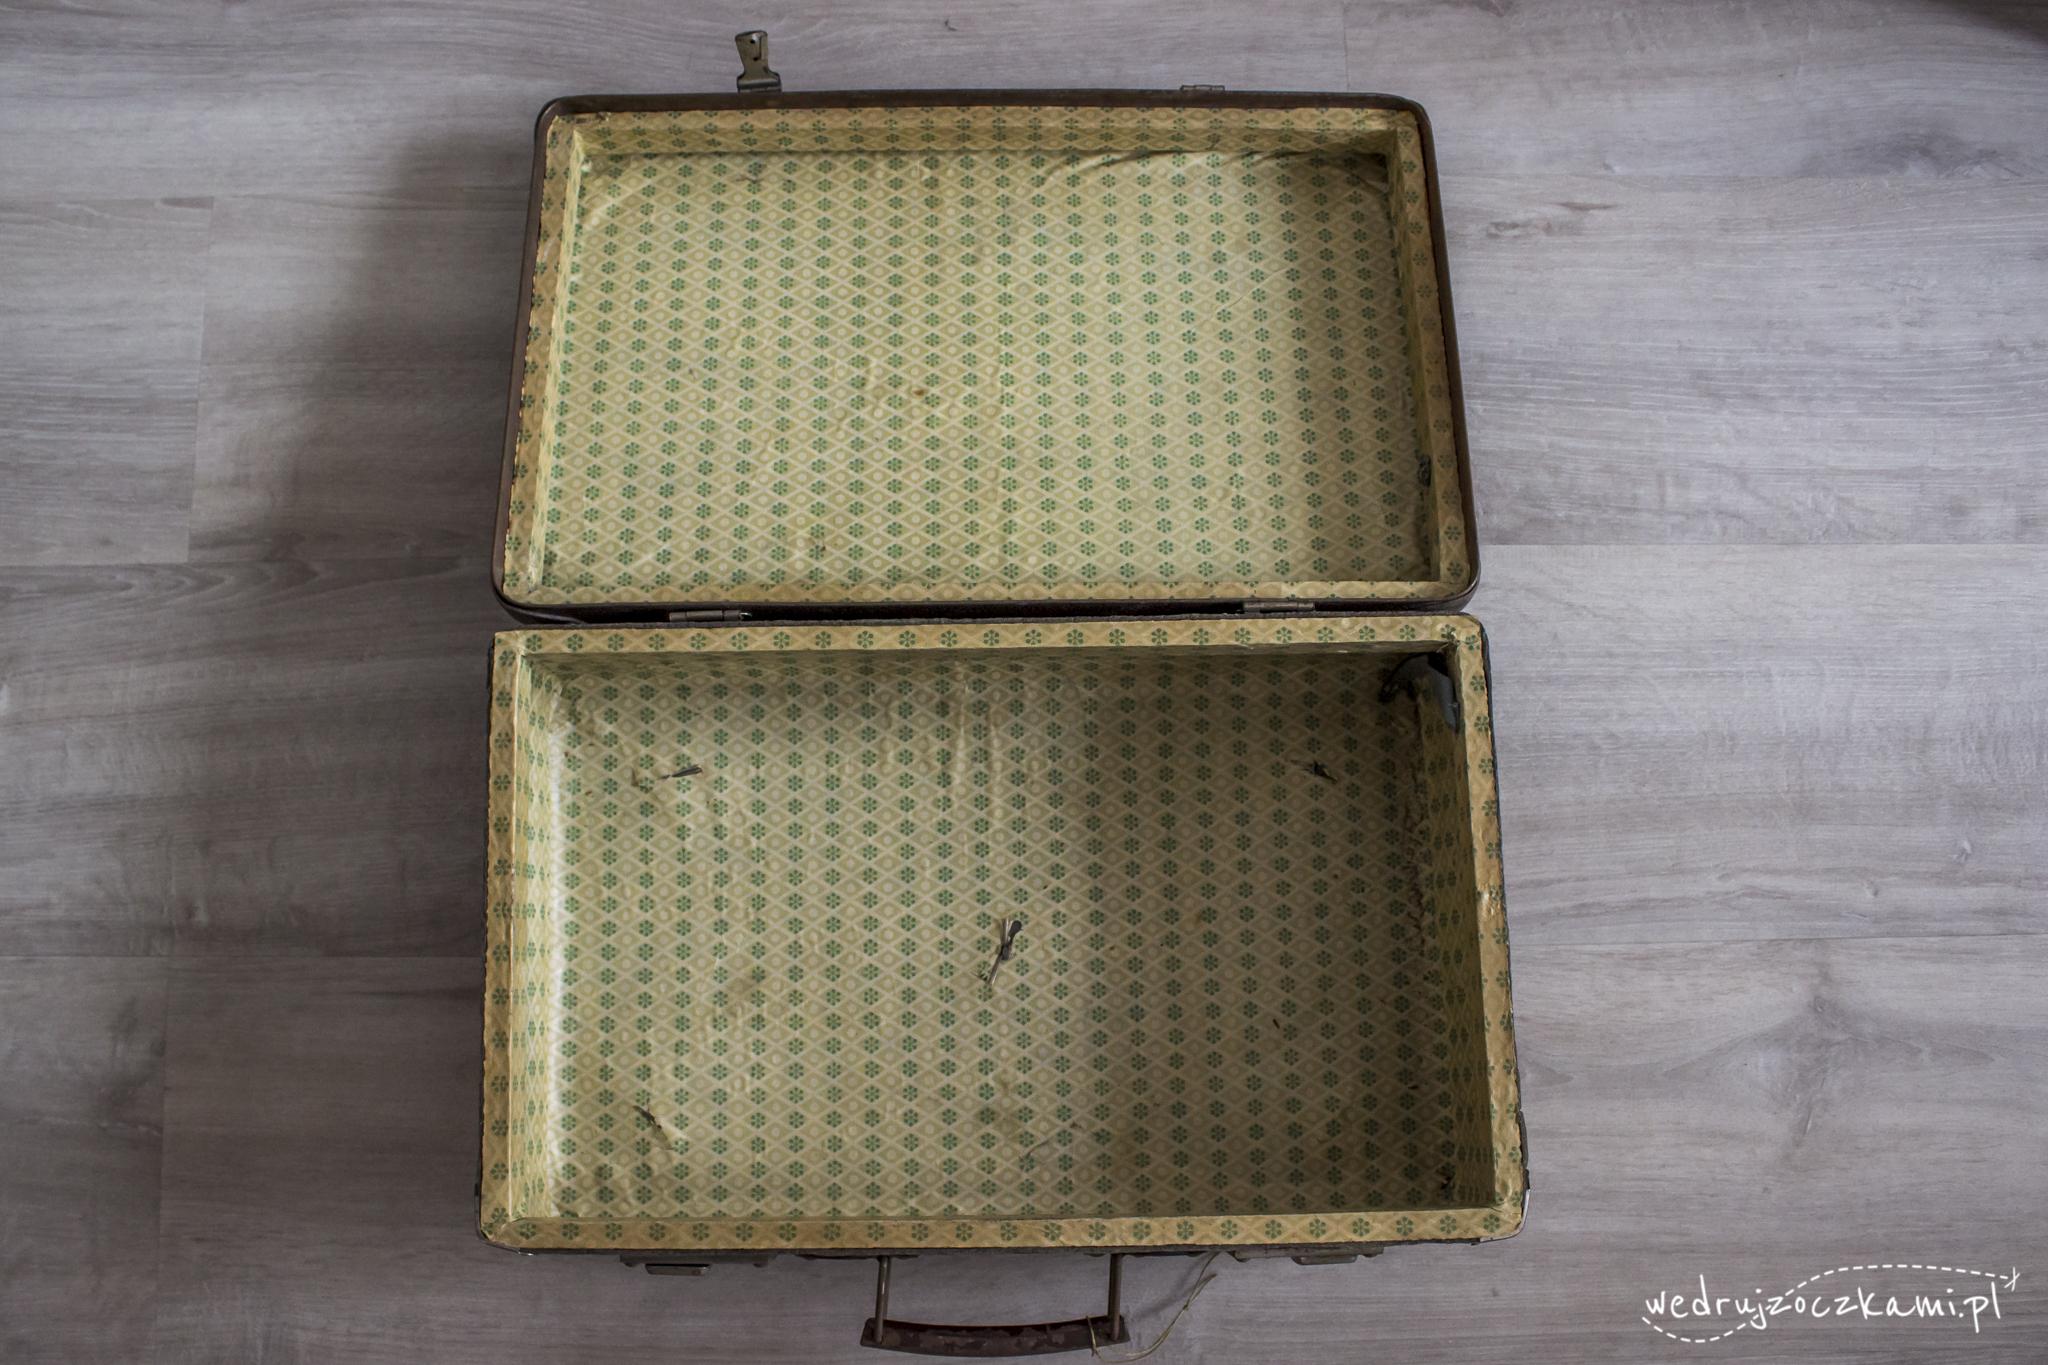 Wnętrze starej walizki